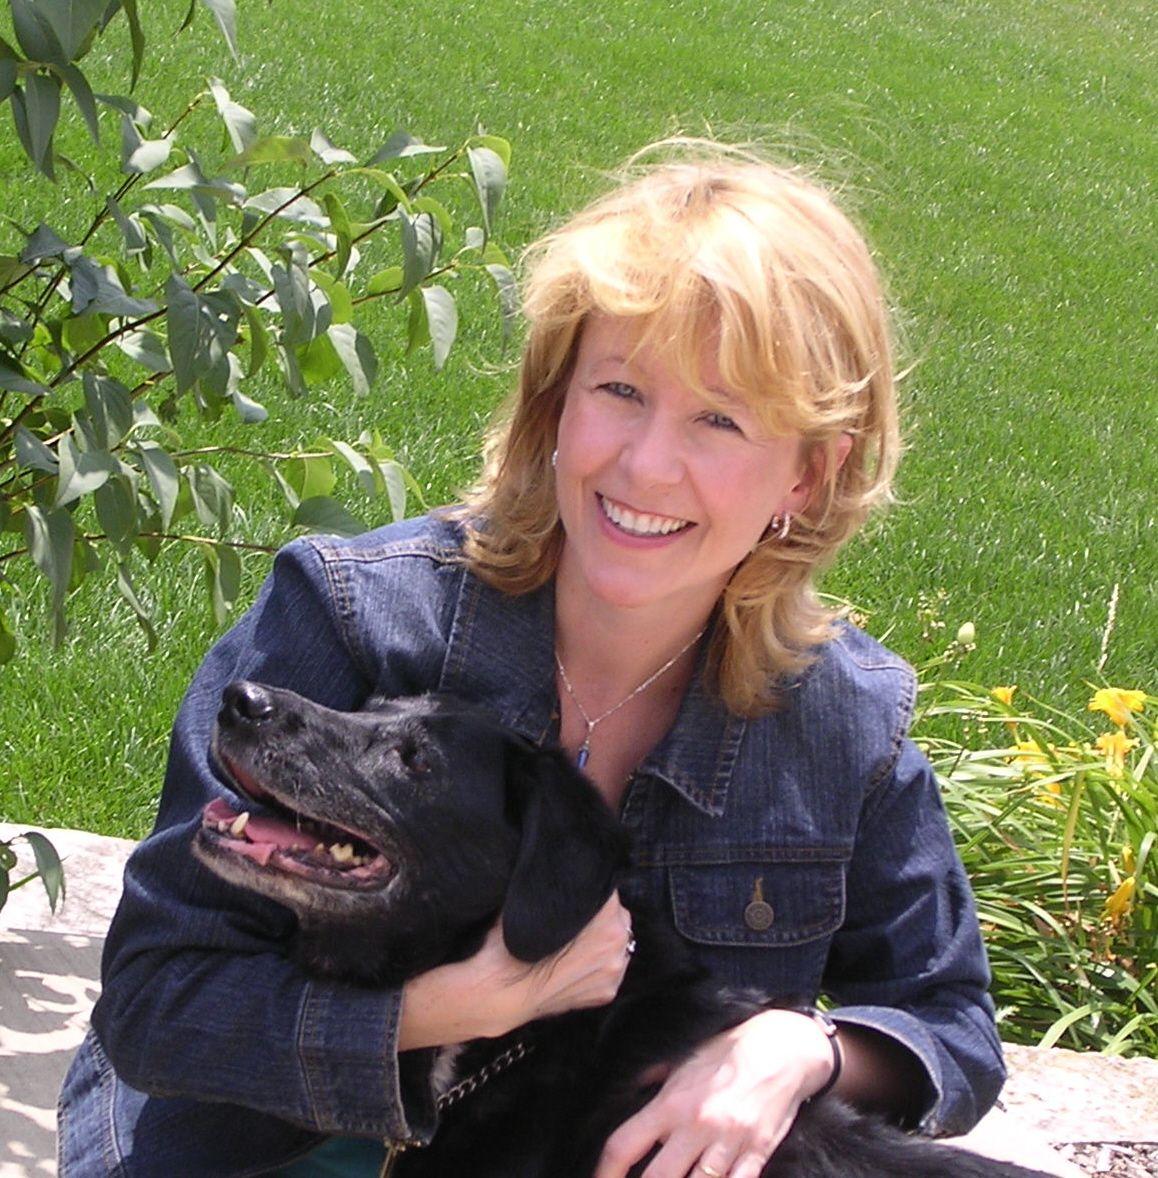 Julie A. Hyzy